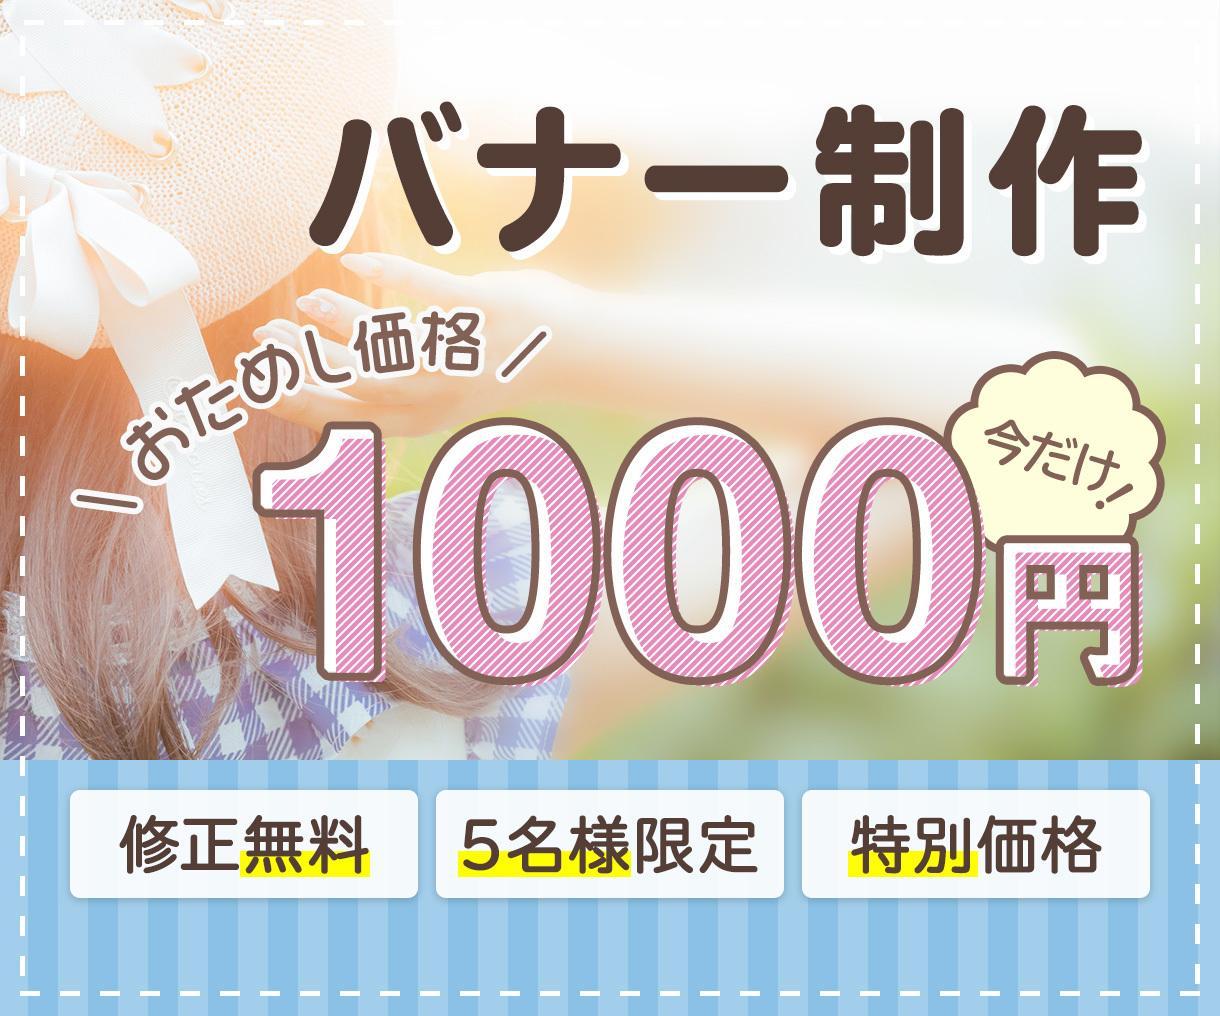 お試し1000円★バナー・各種画像作成いたします ☆5名様限定☆縦横1000px以内☆修正無制限☆